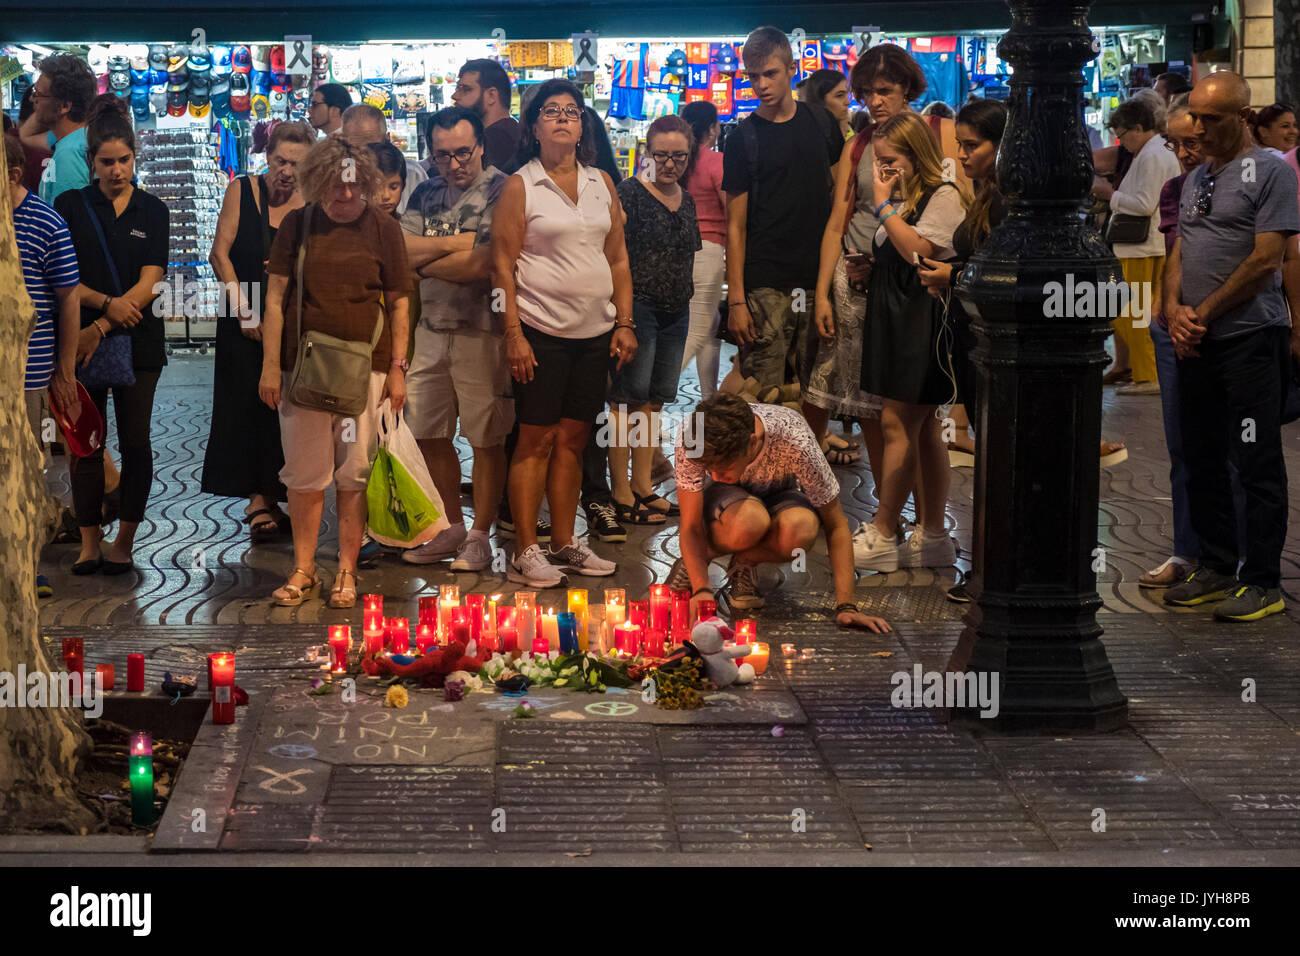 Barcelona, España. 19 Aug, 2017. El 19 de agosto de 2017 la ciudad de Barcelona sufrió el ataque terrorista de ISIS, Foto de stock